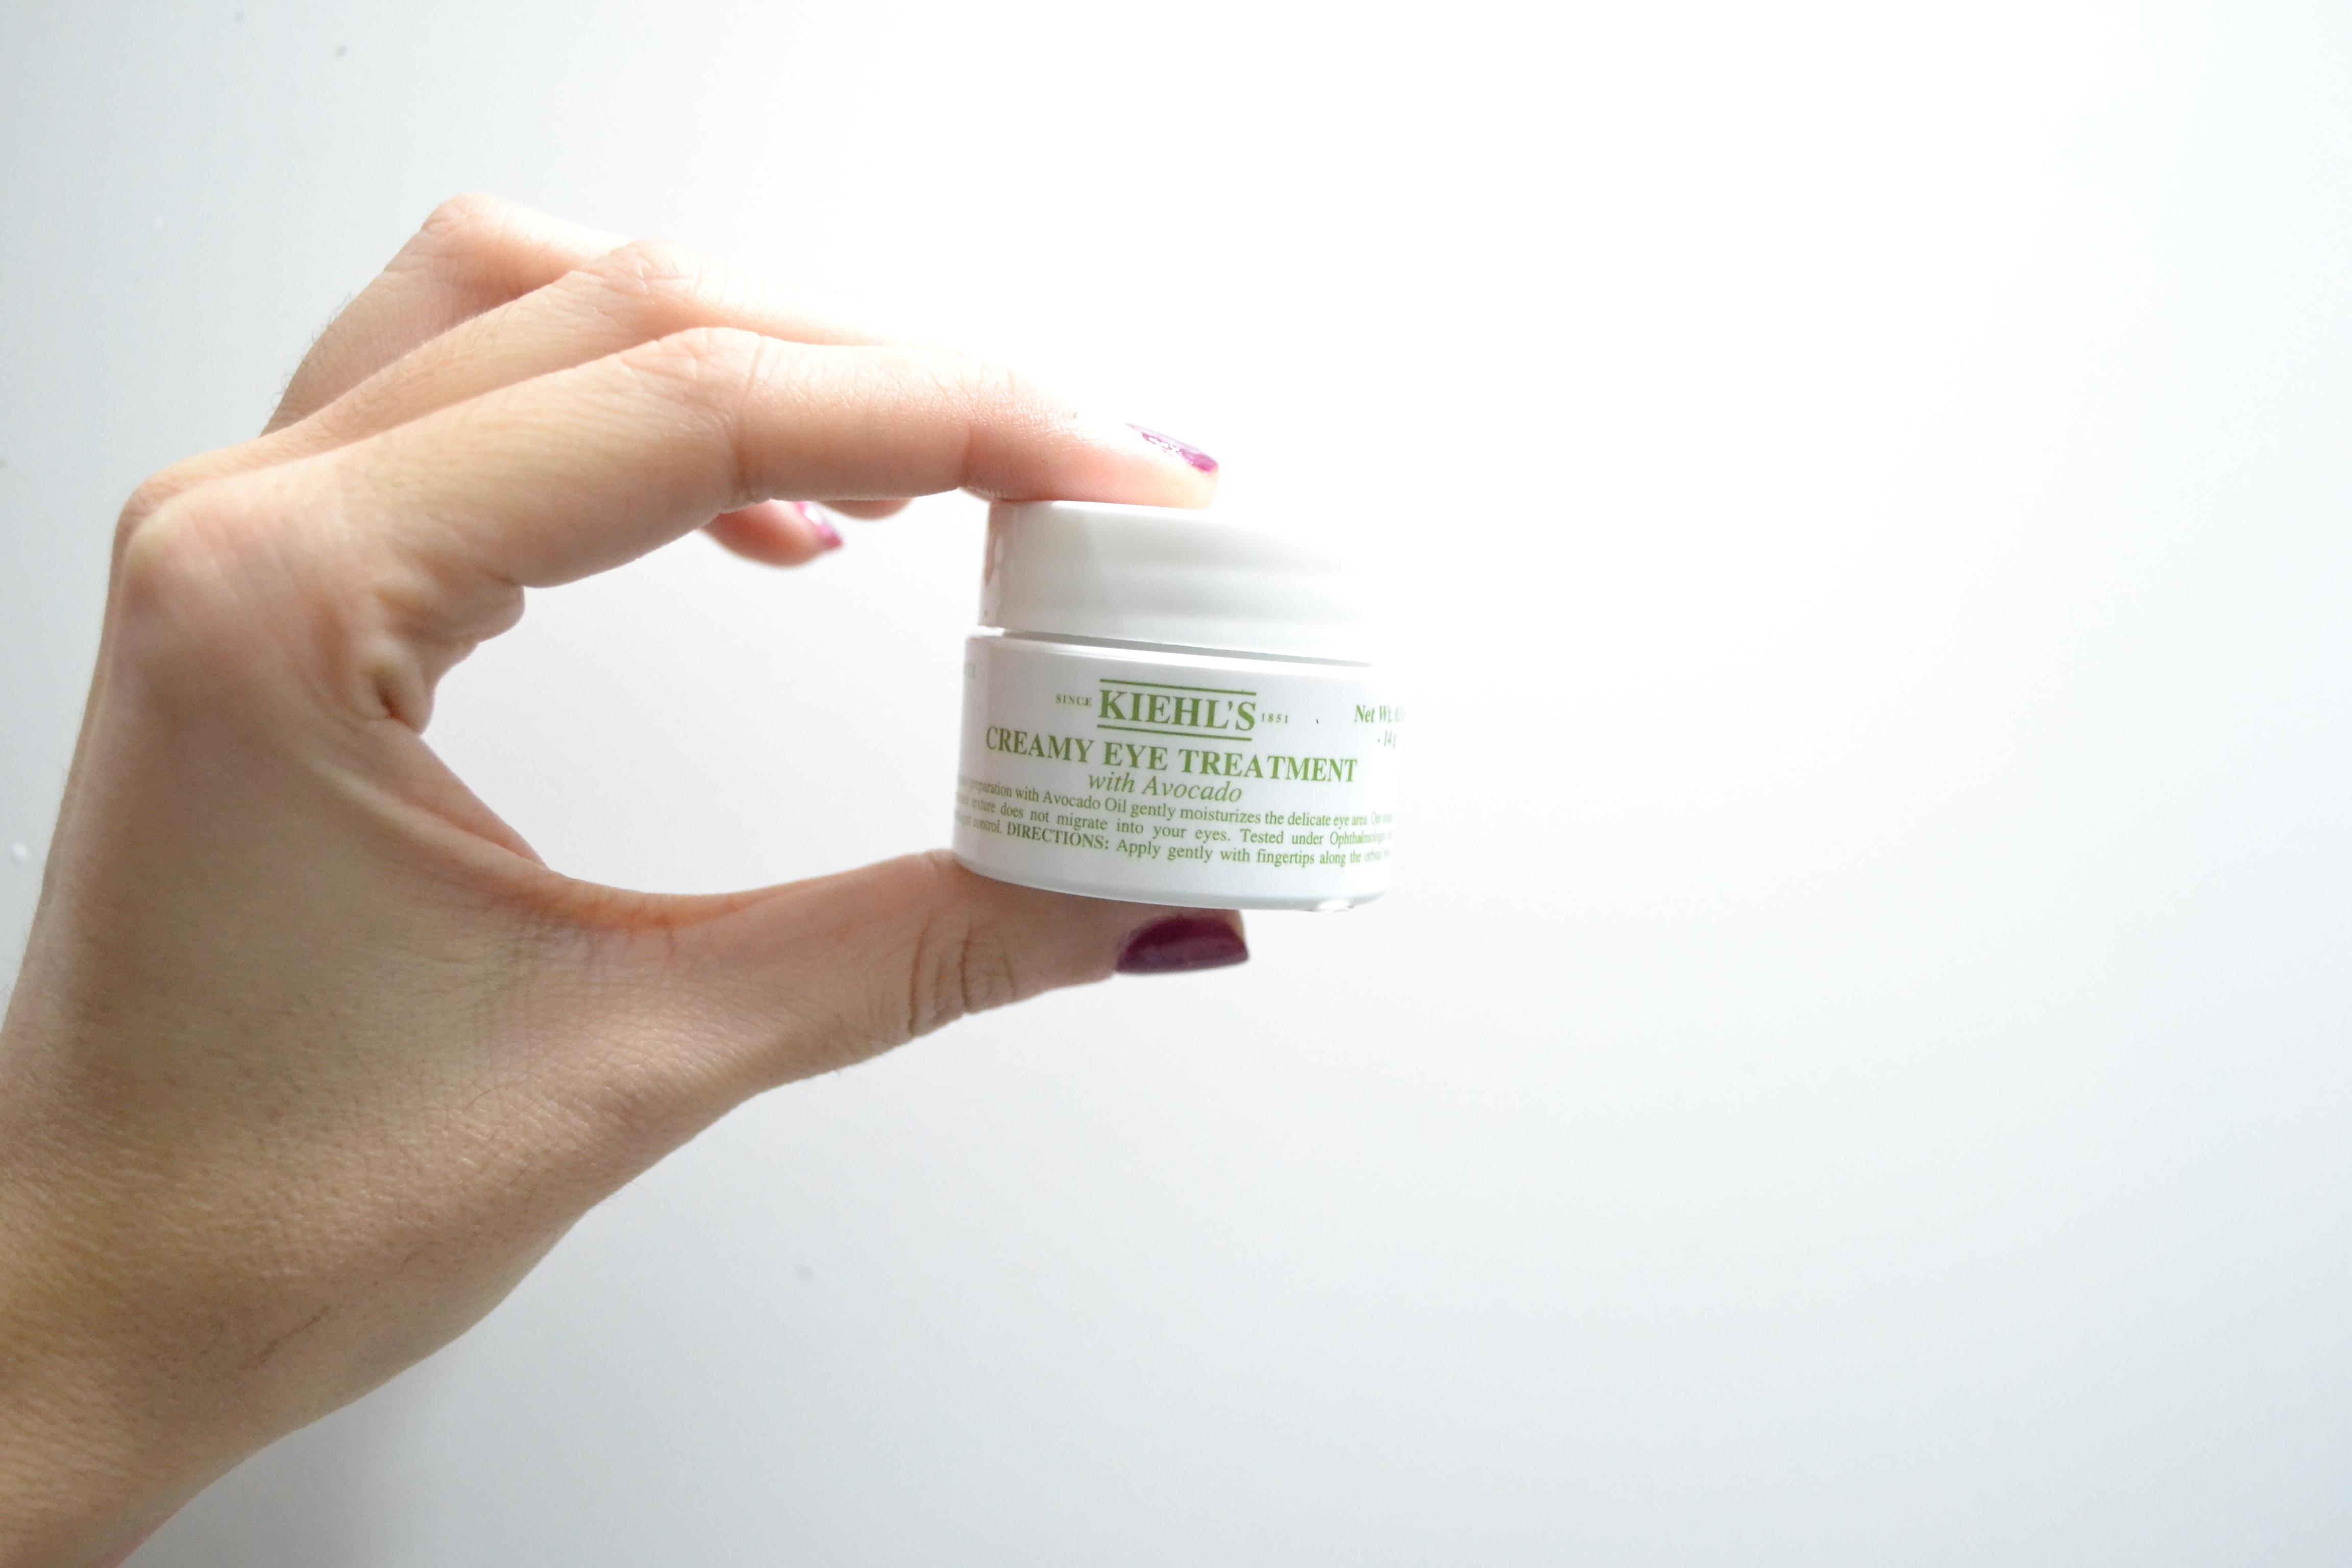 Lo bueno de este producto, es que está testeado por oftalmólogos y dermatólogos, lo cual la hace aún más confiable.